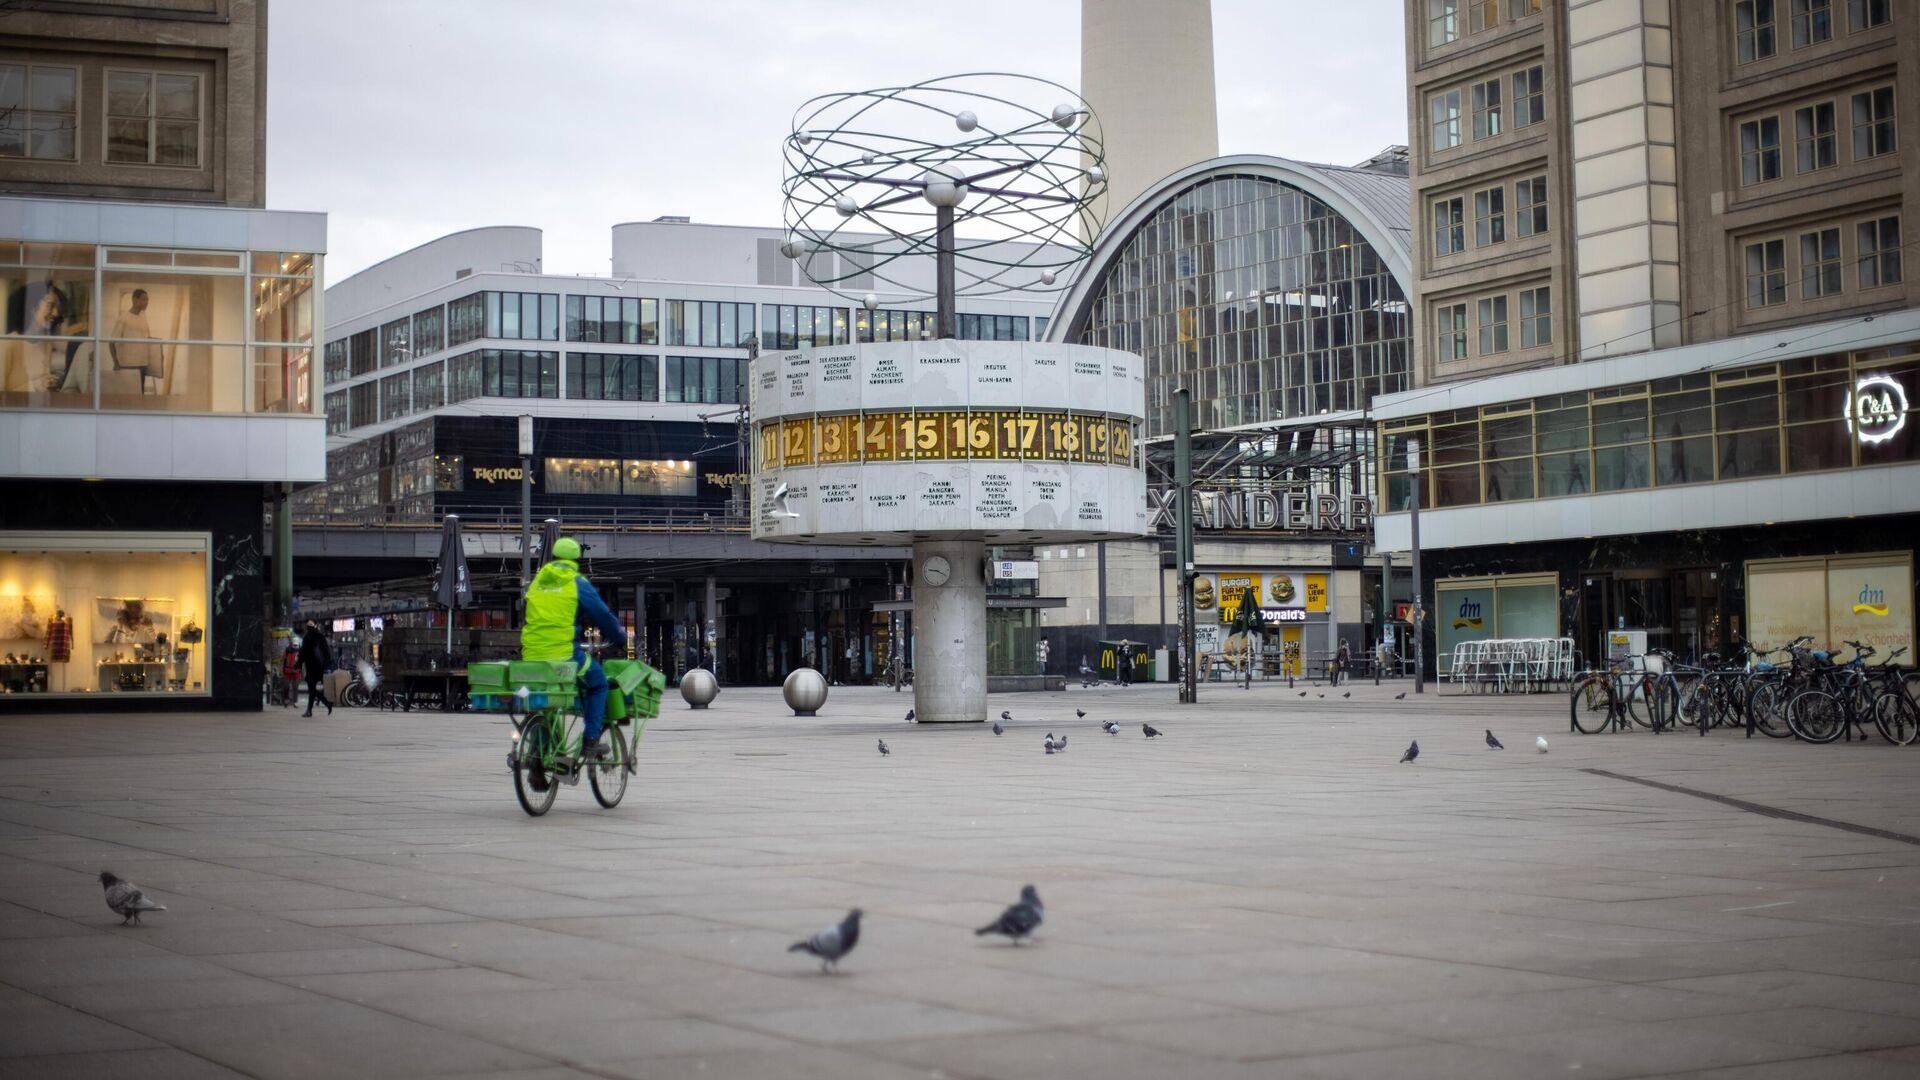 Площадь Александерплац в Берлине во время общенационального локдауна из-за второй волны пандемии коронавируса  - РИА Новости, 1920, 17.01.2021